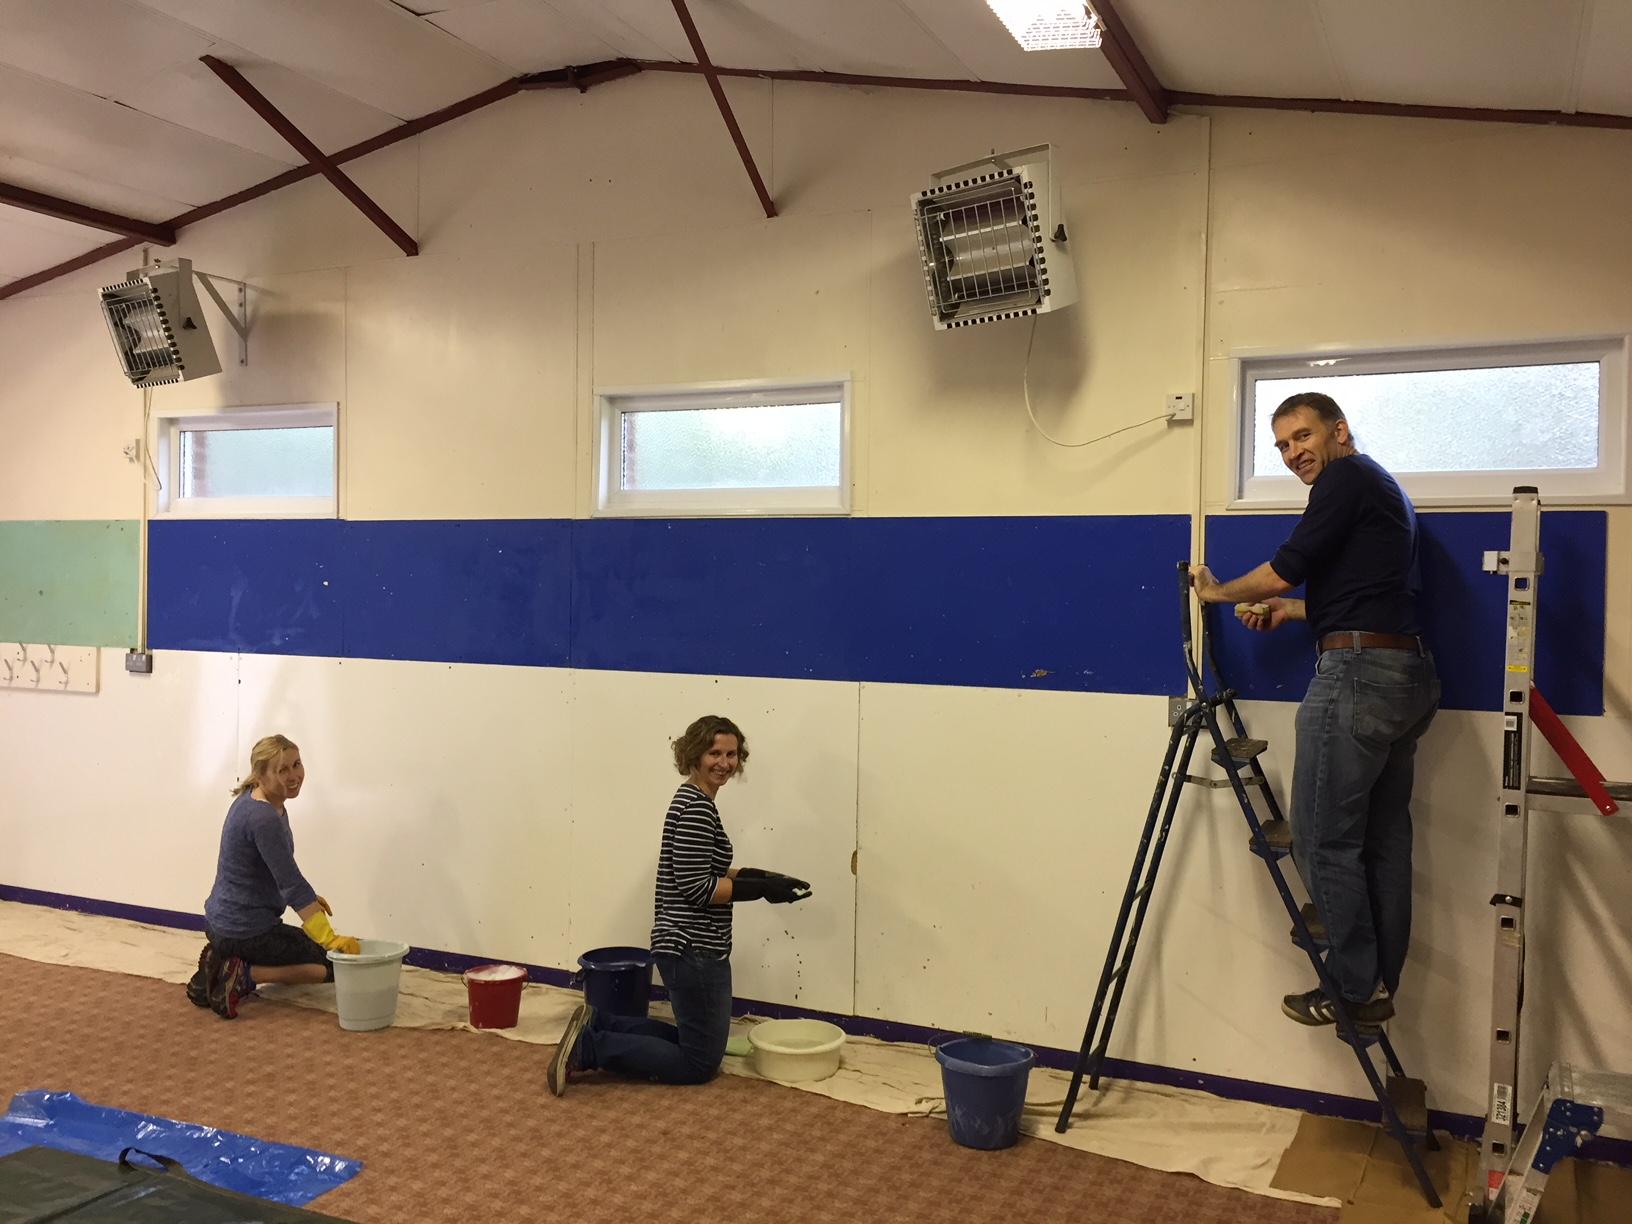 scout hut being repainted by volunteers